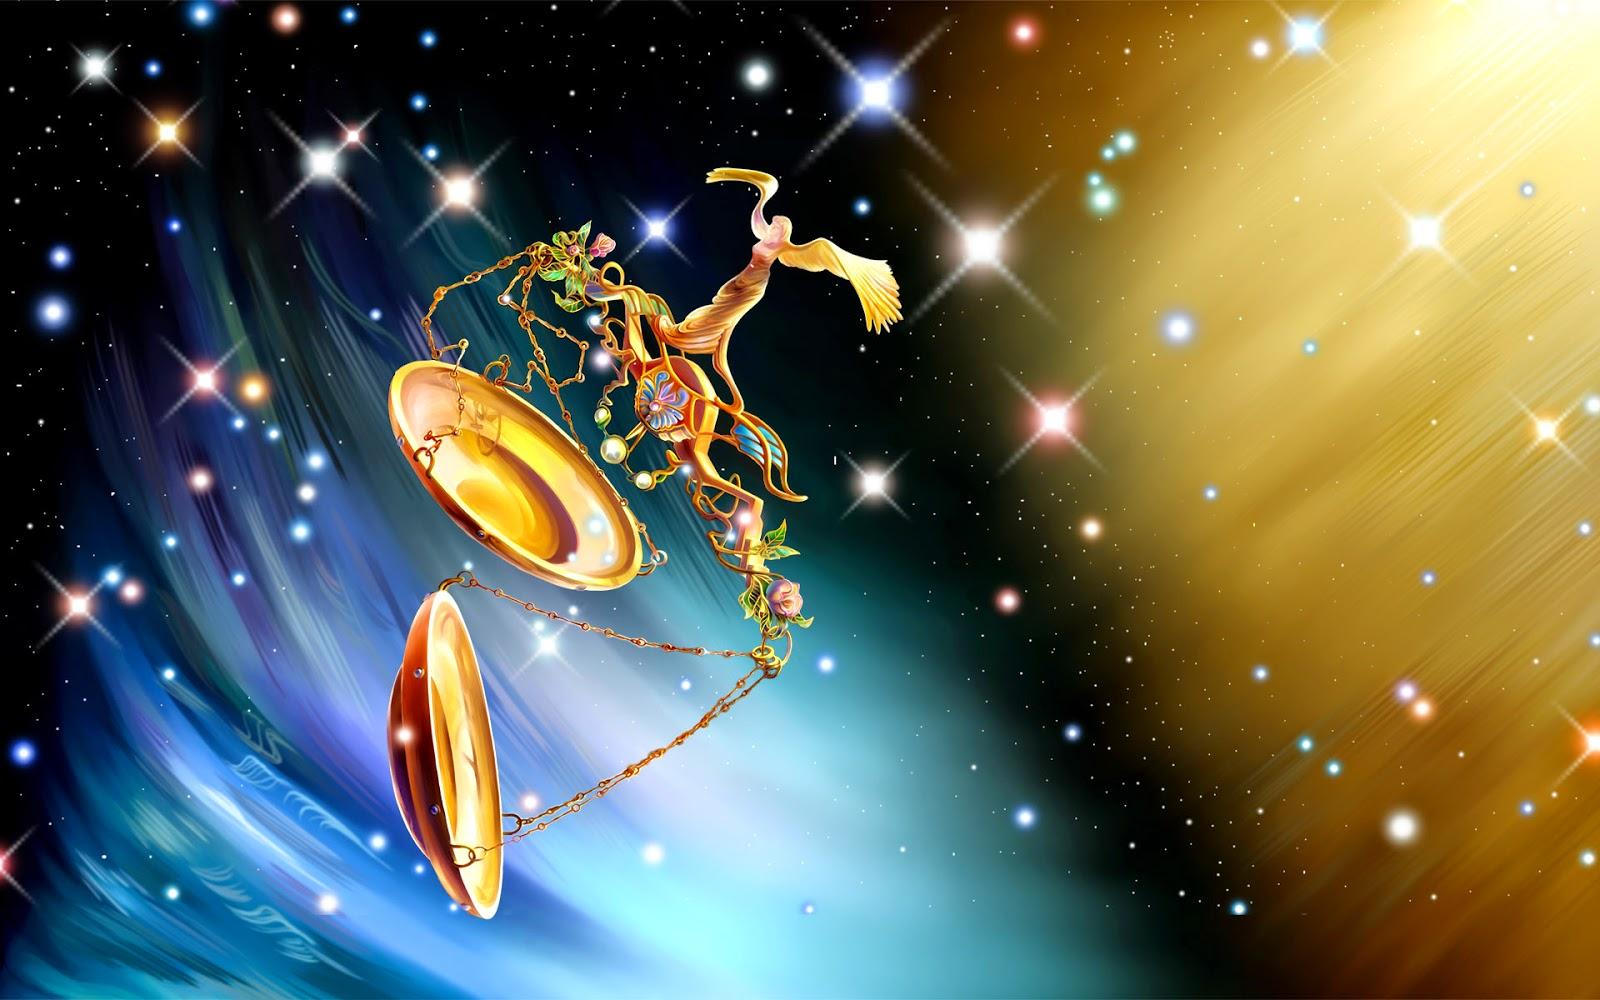 Signos Zodiacales en el espacio